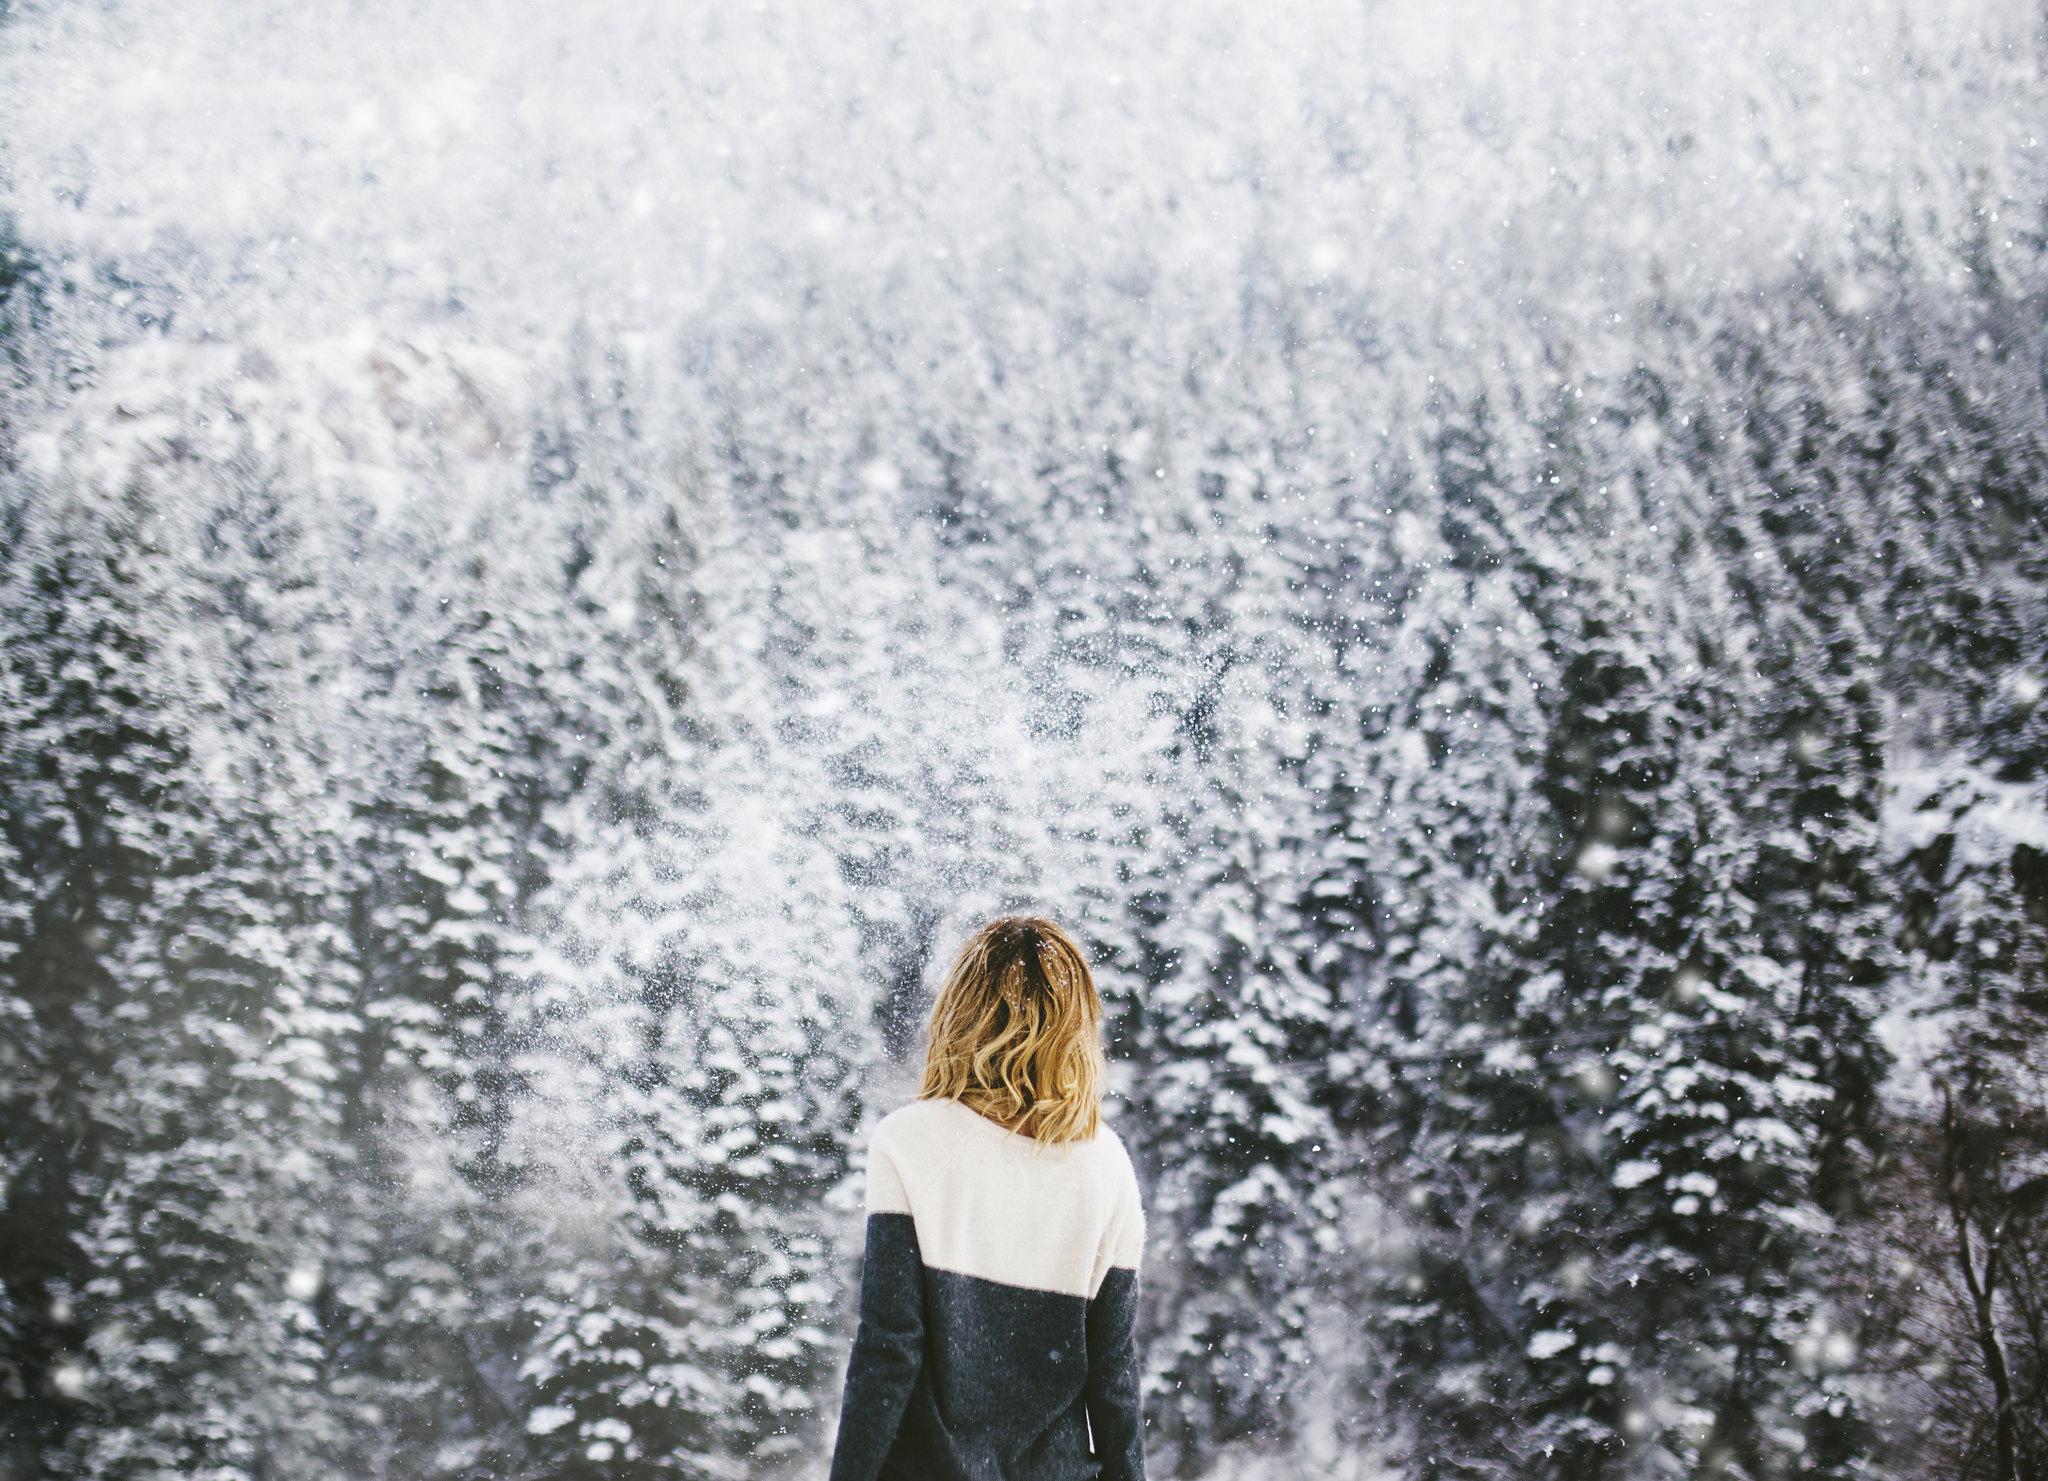 девушка снег пальто бесплатно